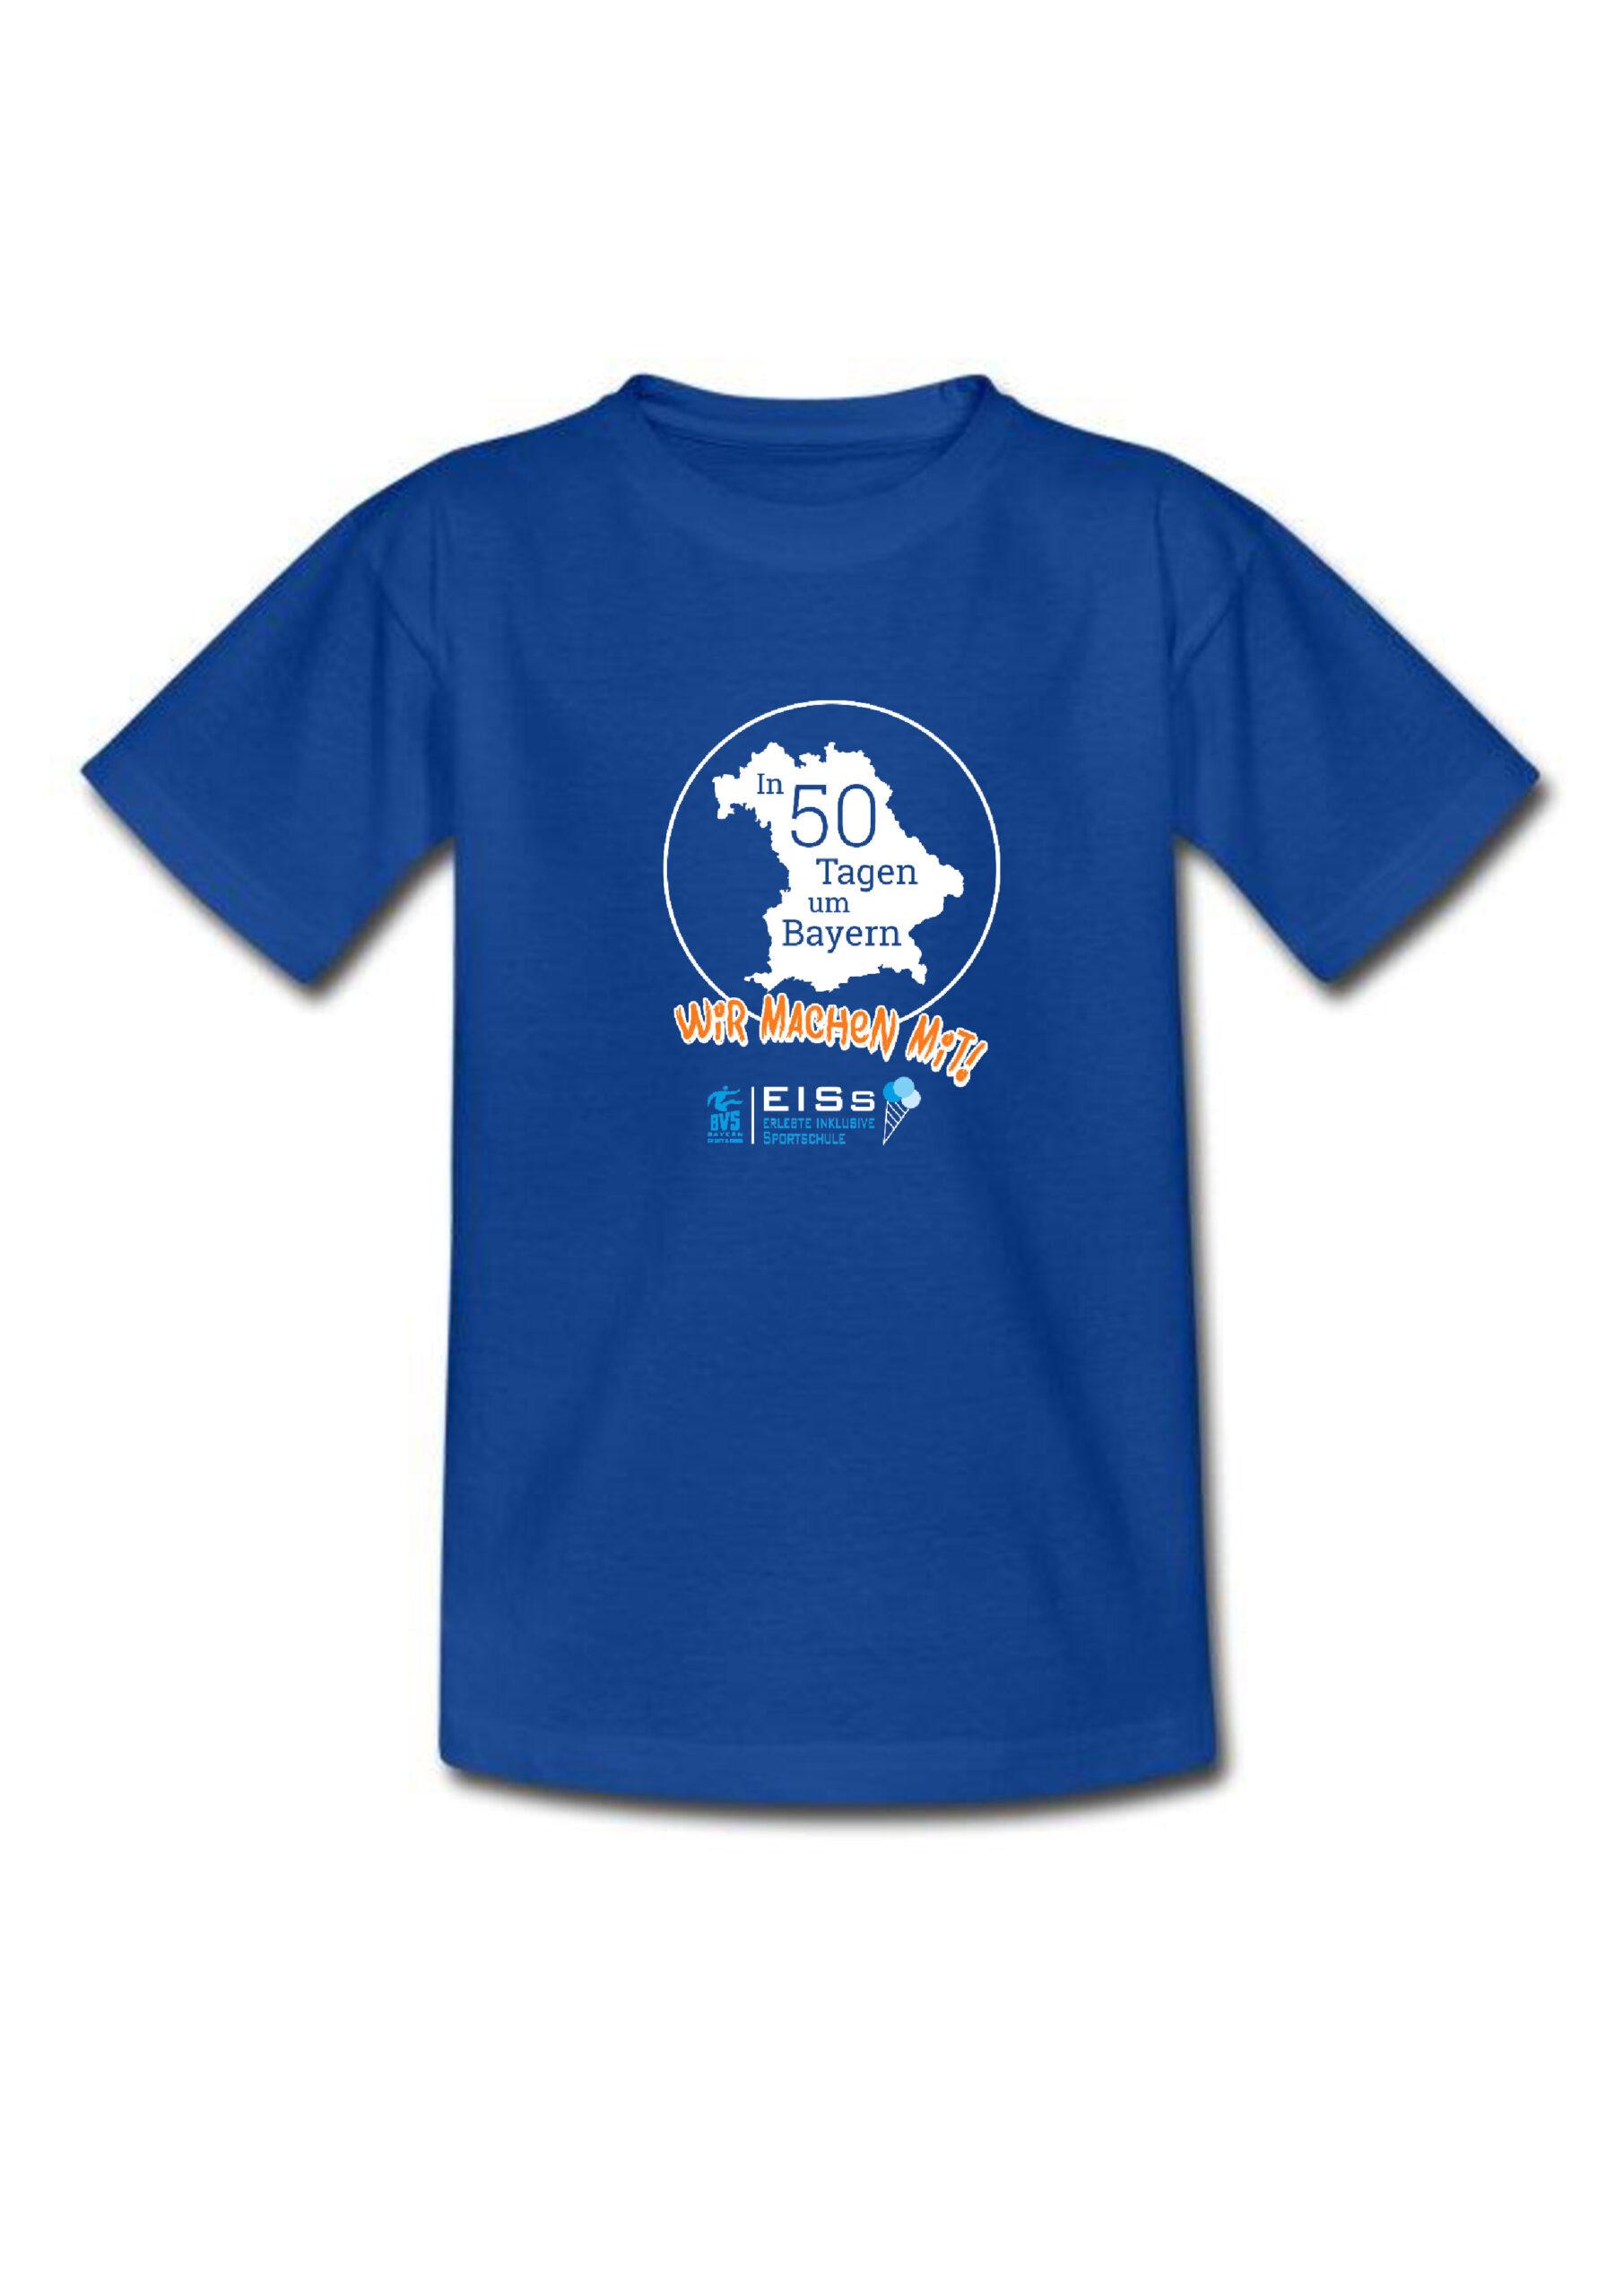 T-Shirt dunkelblau mit rund-um-Bayern- und EISs-Logo